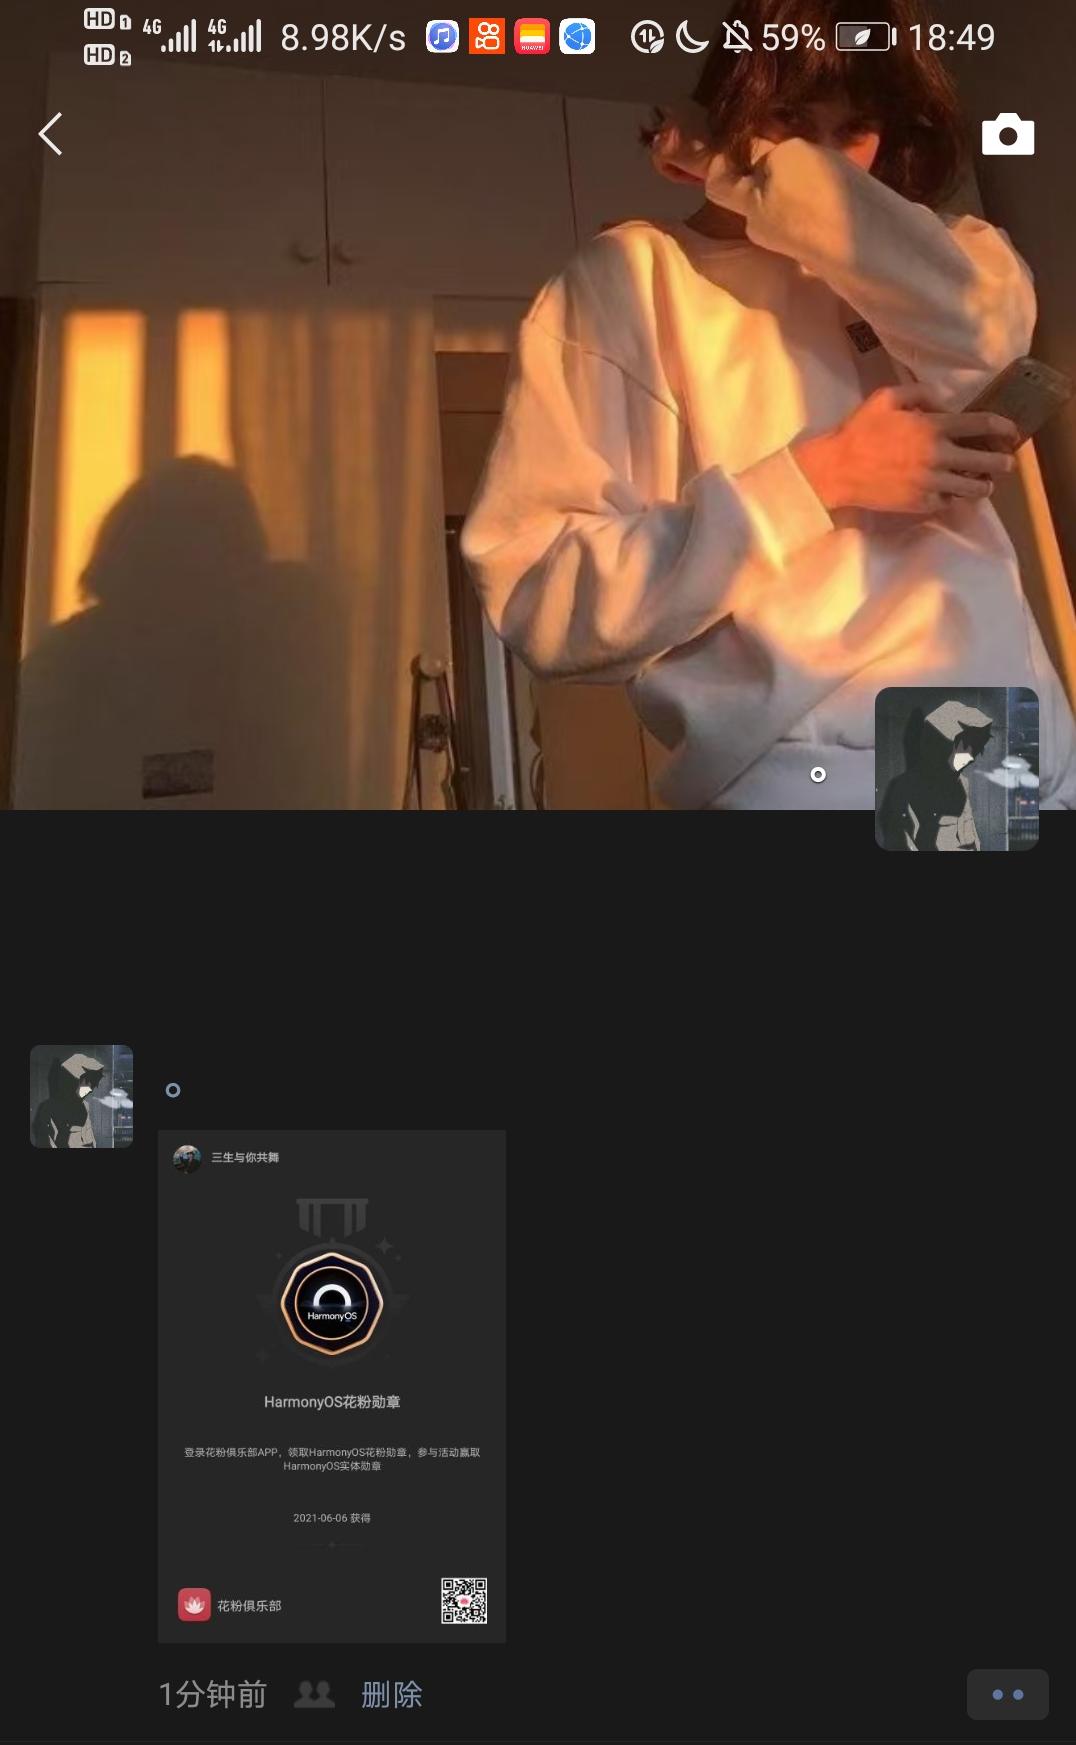 Screenshot_20210611_184936_com.tencent.mm.png